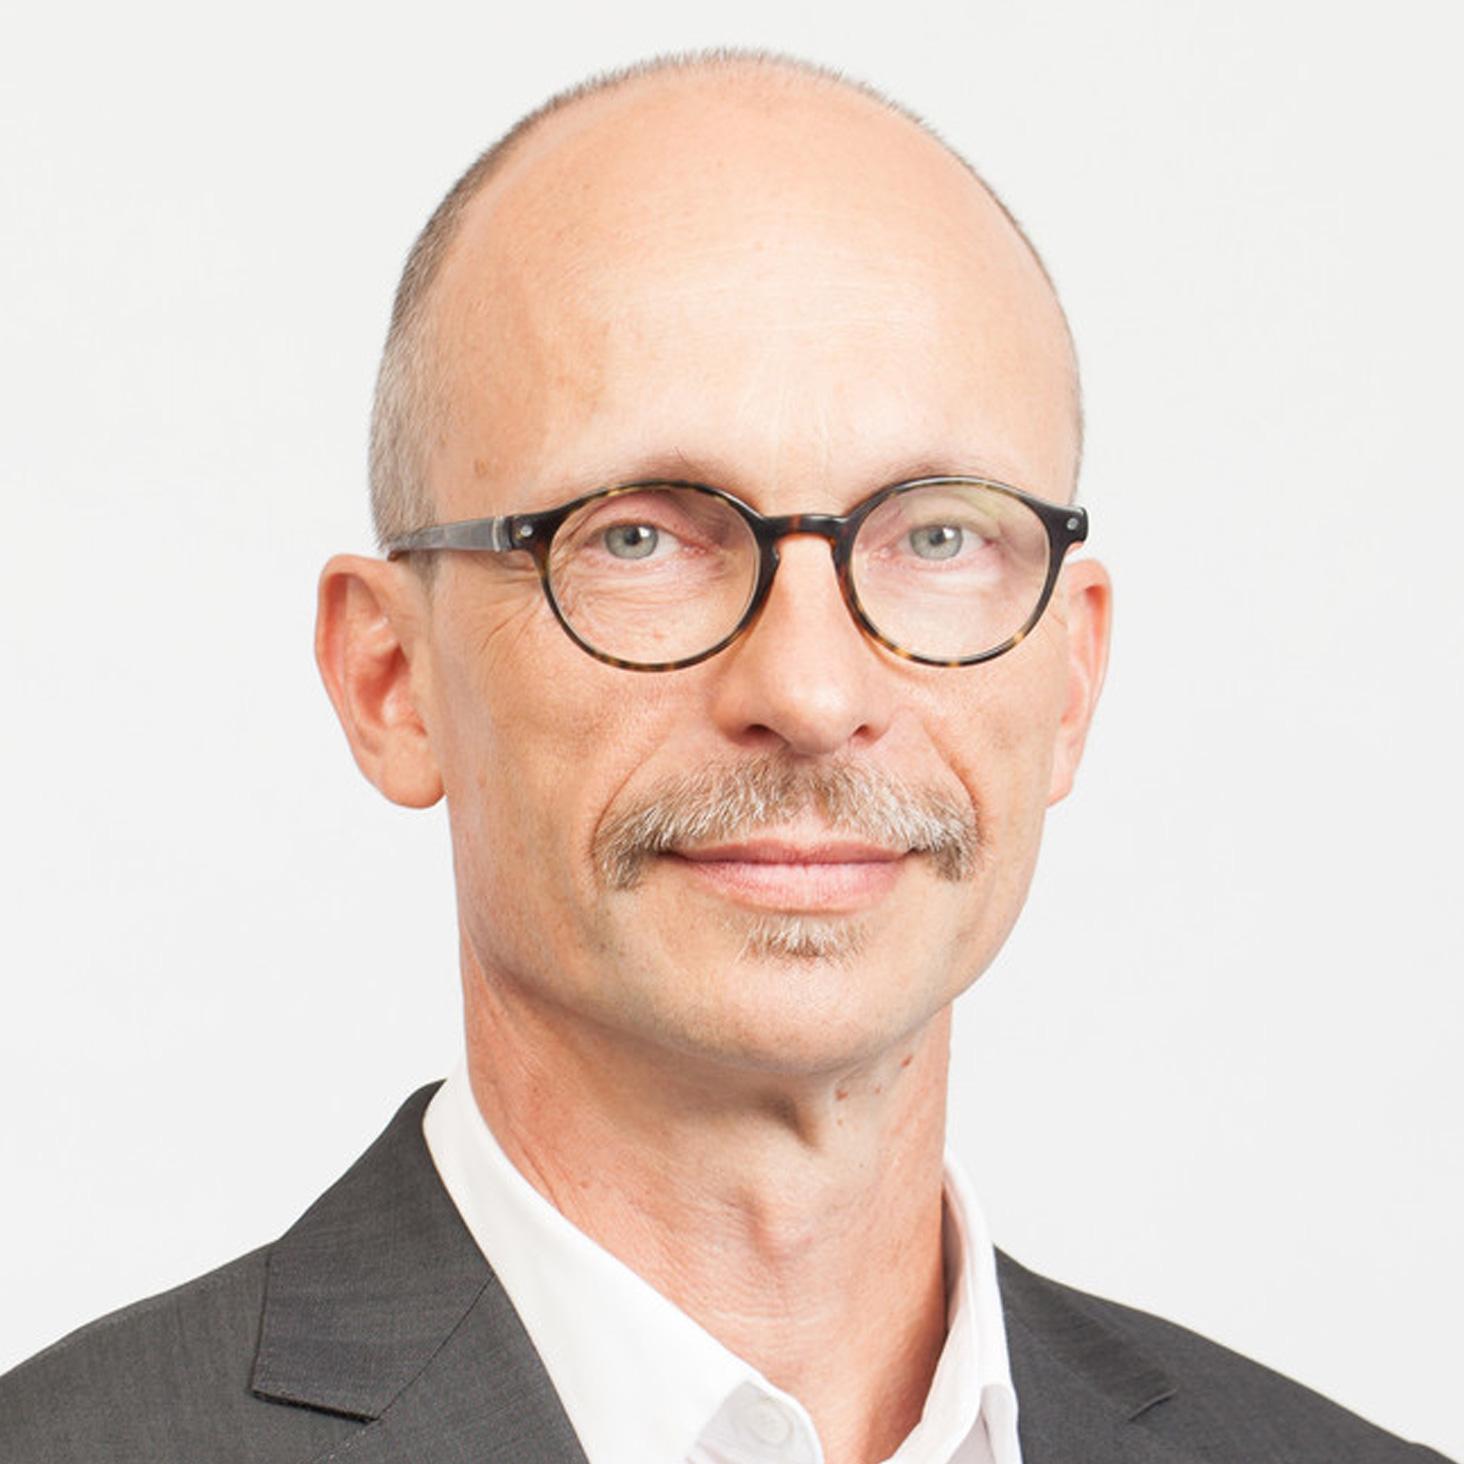 Christian Laurer